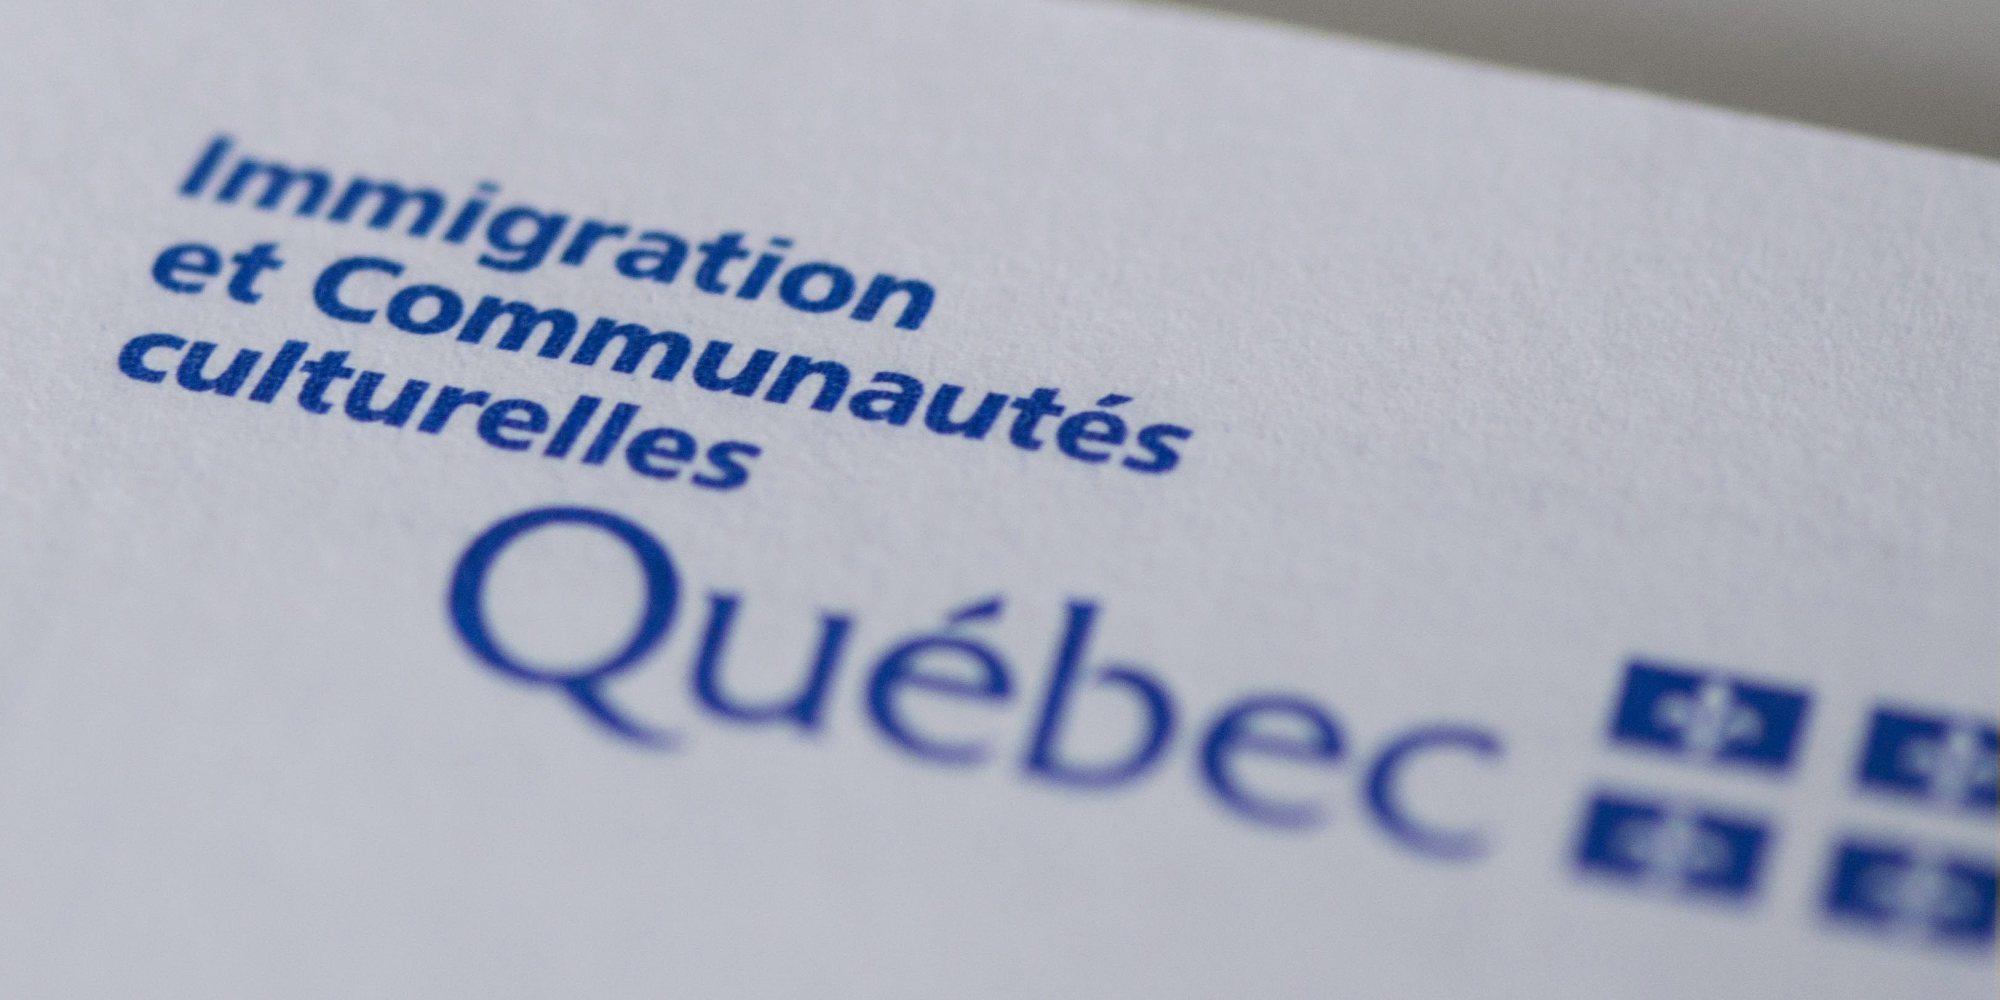 Квебек объявил о запуске иммиграционной системы по типу Express Entry